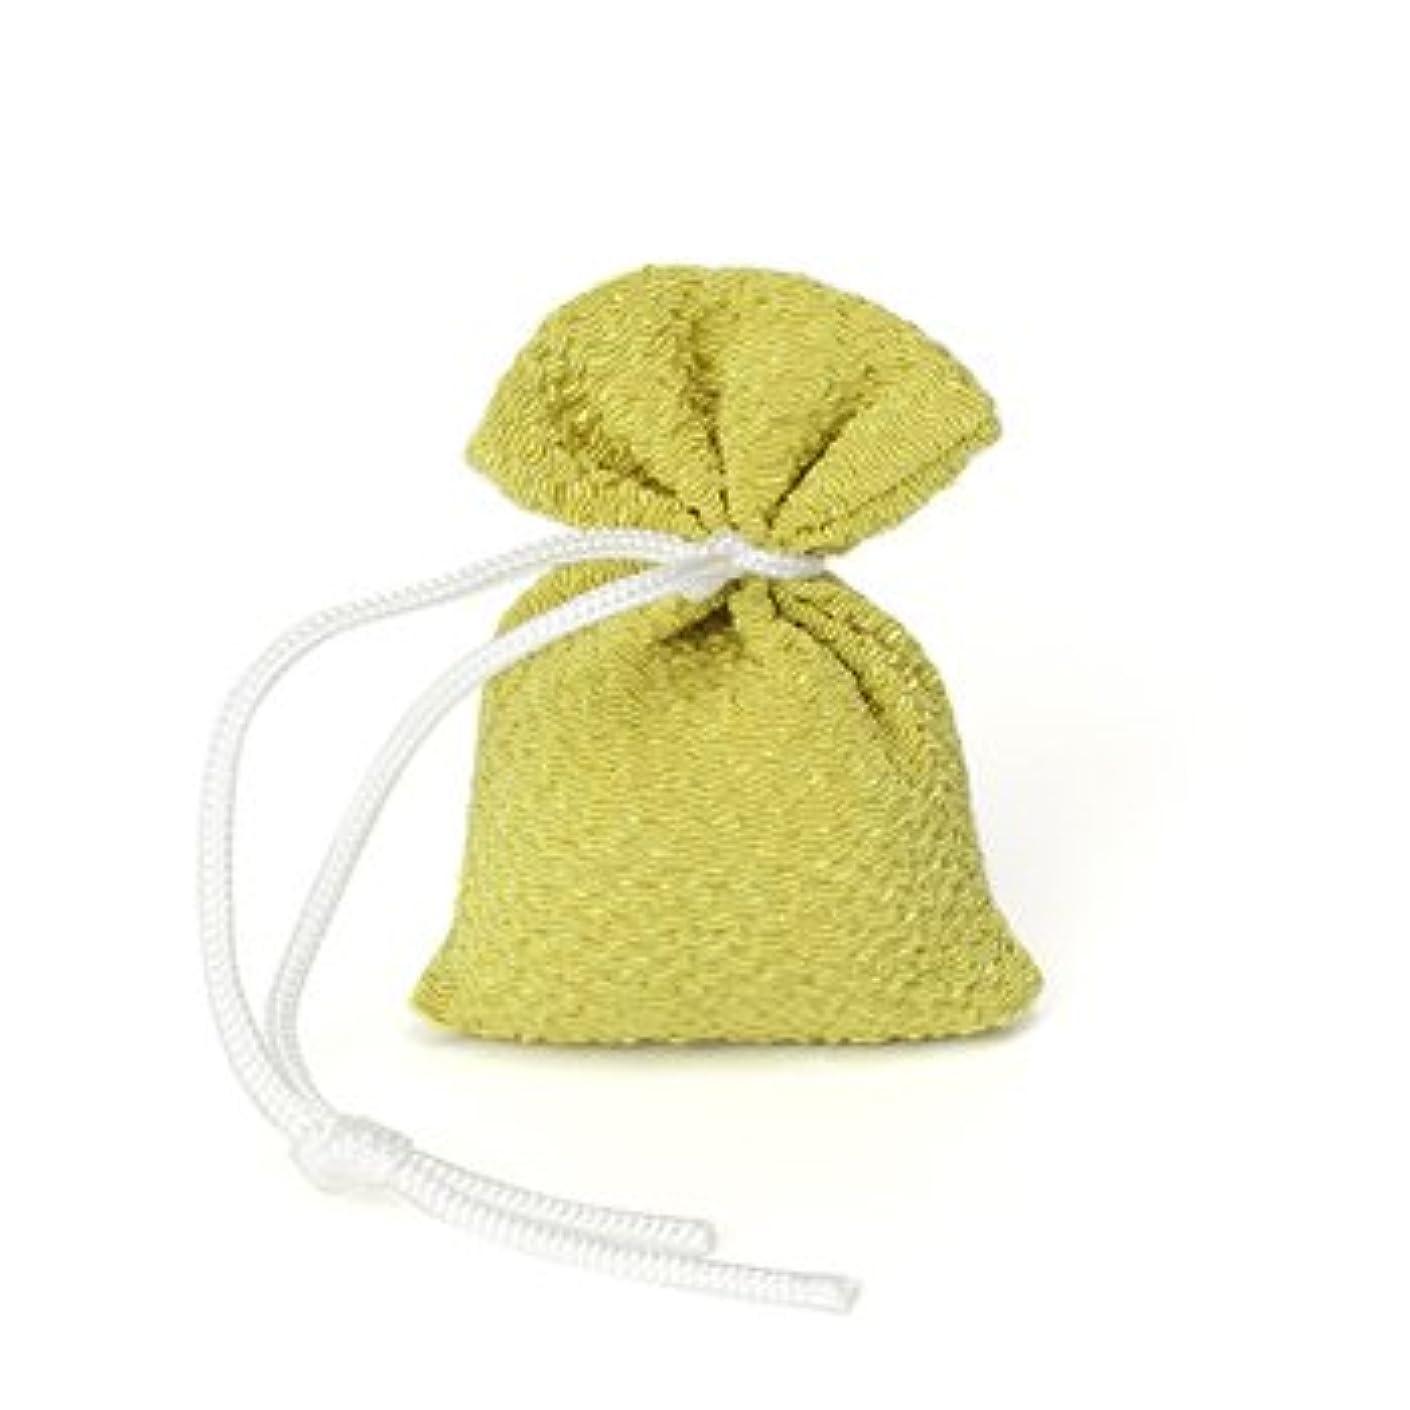 エスカレーター宿泊施設シンク松栄堂 匂い袋 誰が袖 携帯用 1個入 ケースなし (色をお選びください) (抹茶)